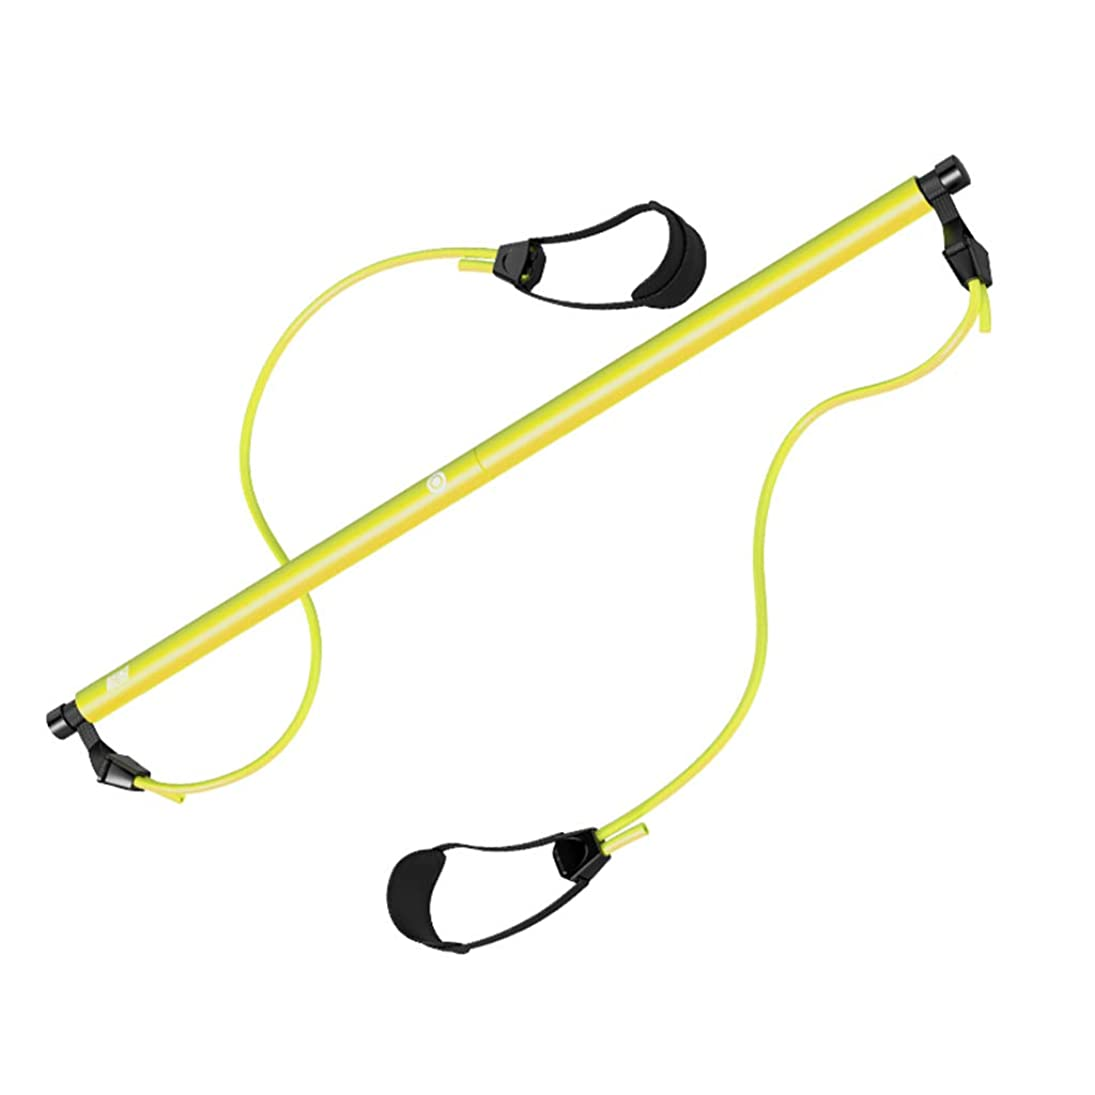 テーマ曲げる植生ホーム多機能ラリーフィットネス機器薄い腹の女性の弾性バンド弾性ロープの男性 (色 : イエロー いえろ゜)